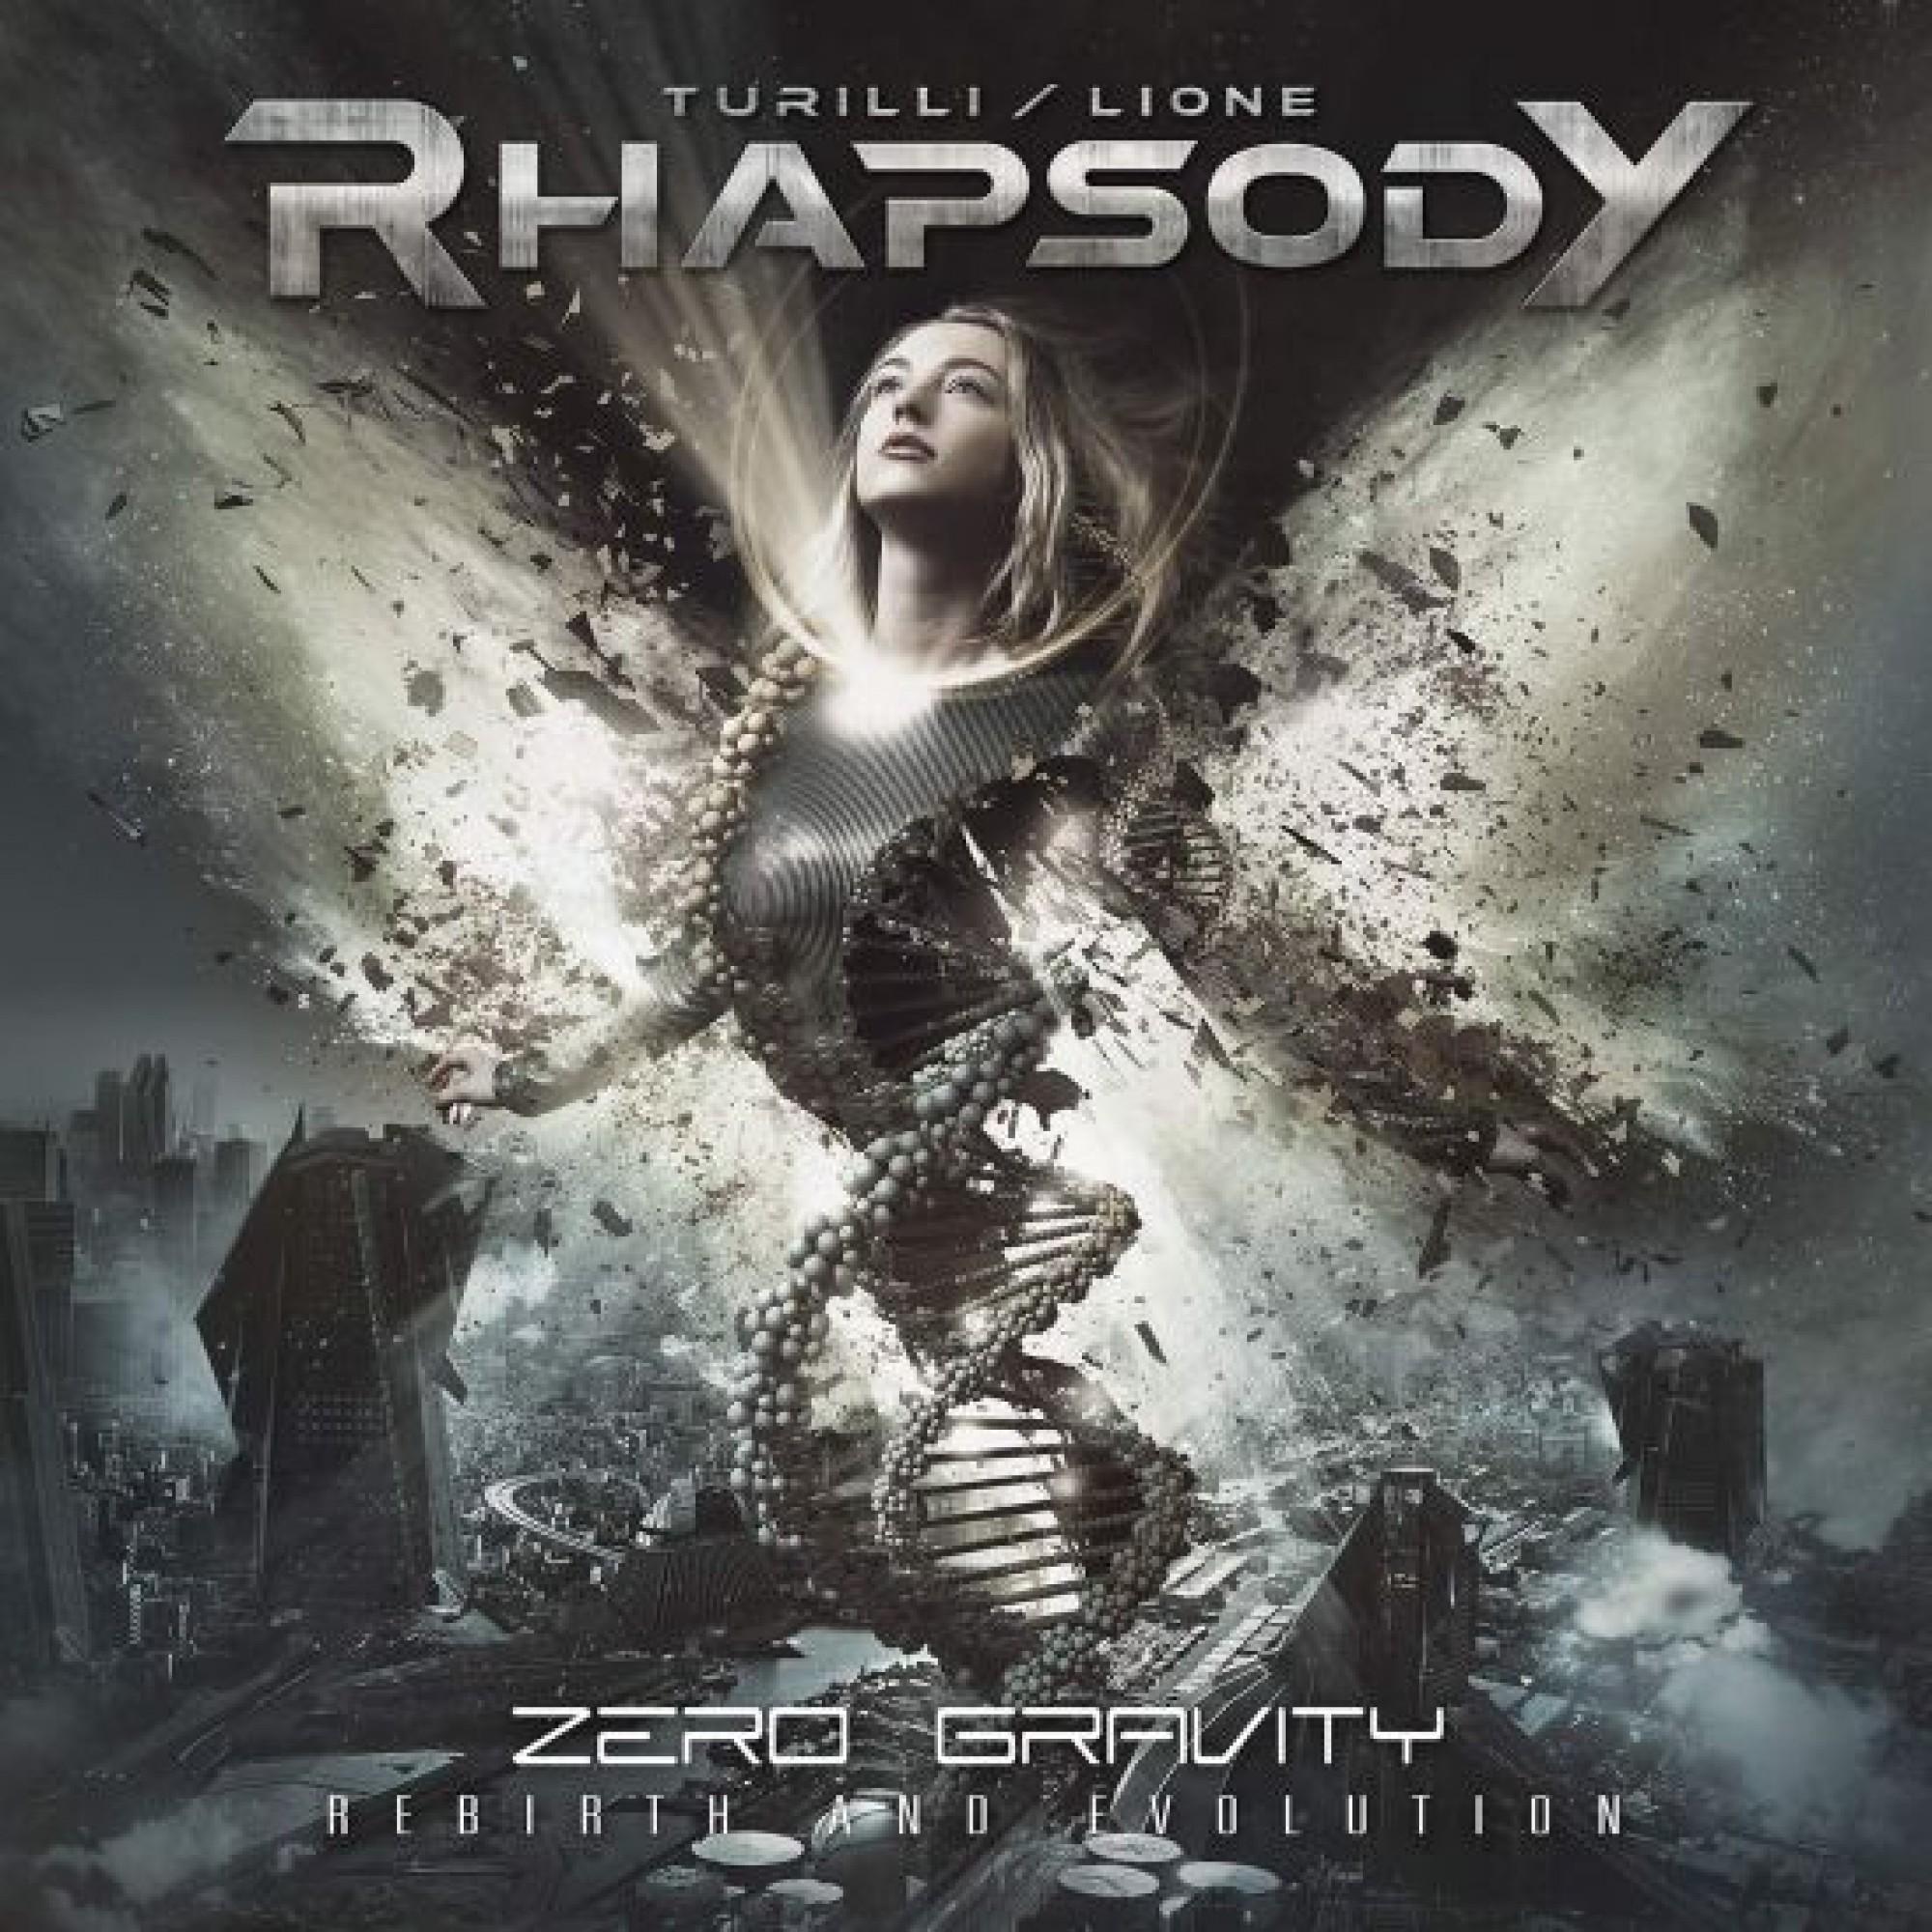 Turilli / Lione Rhapsody: Zero Gravity